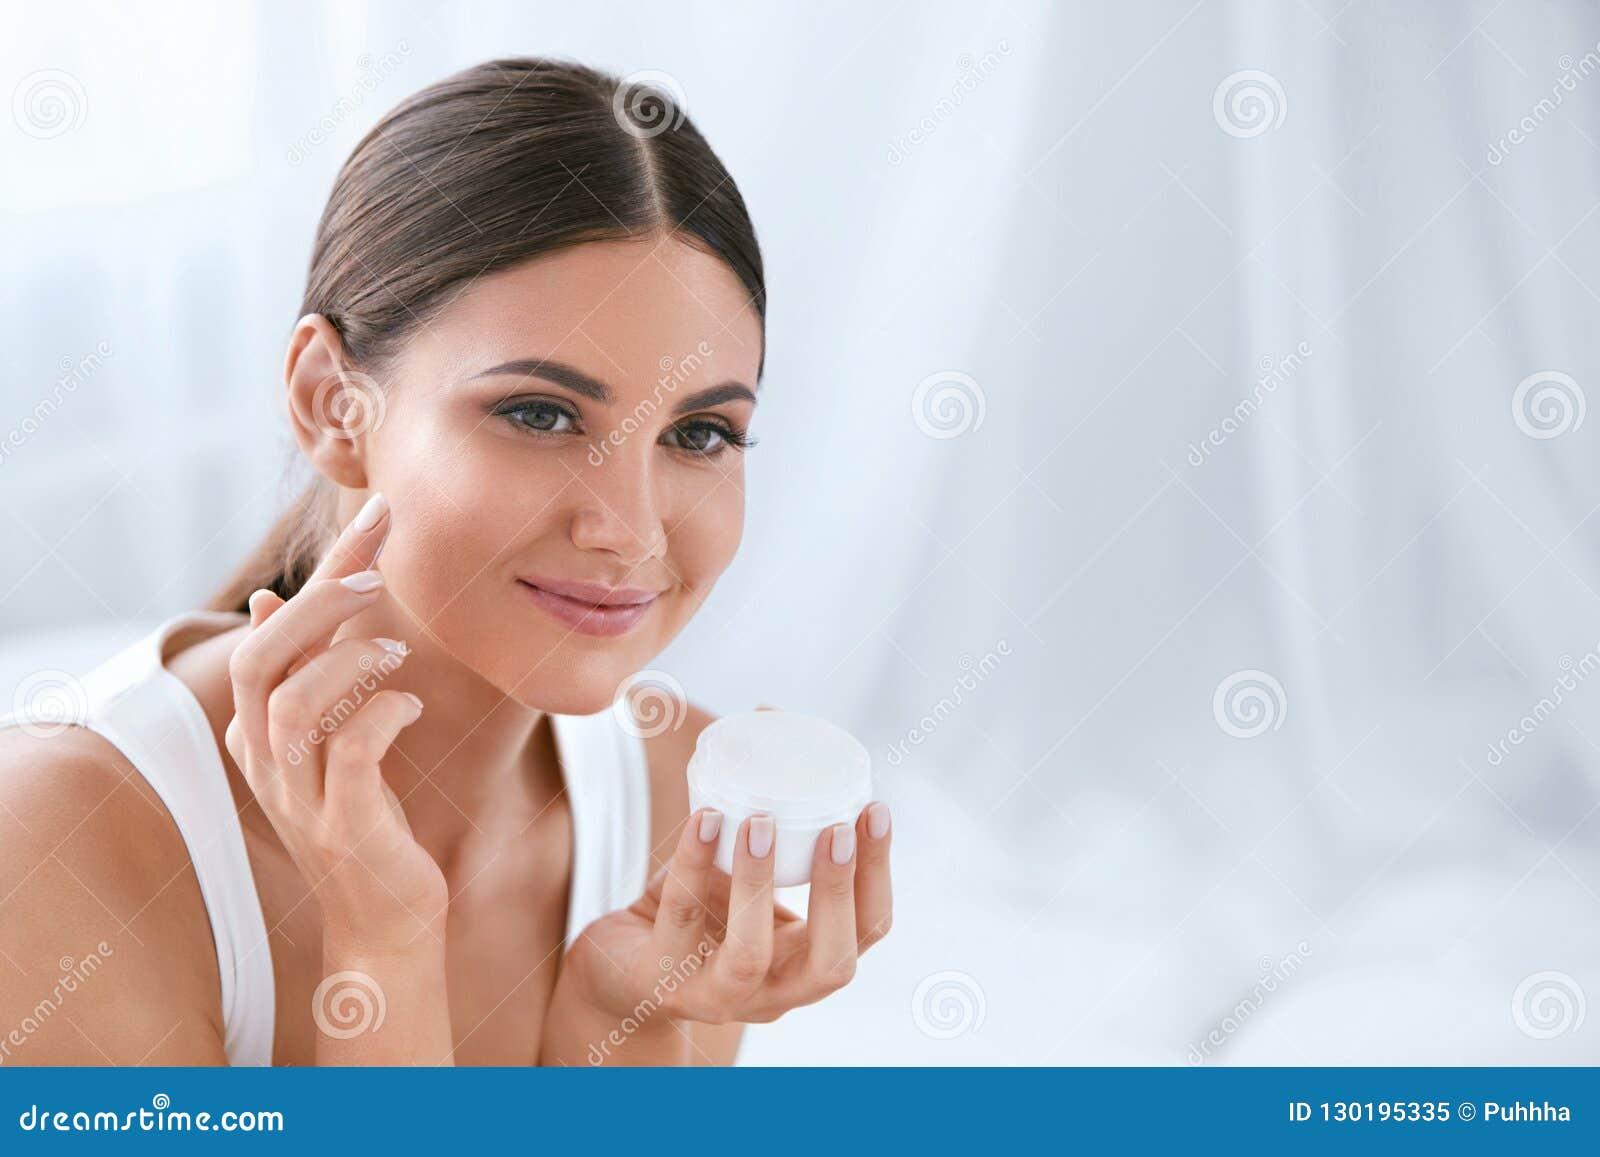 Beauvoir 应用在软的脸皮的美女面霜